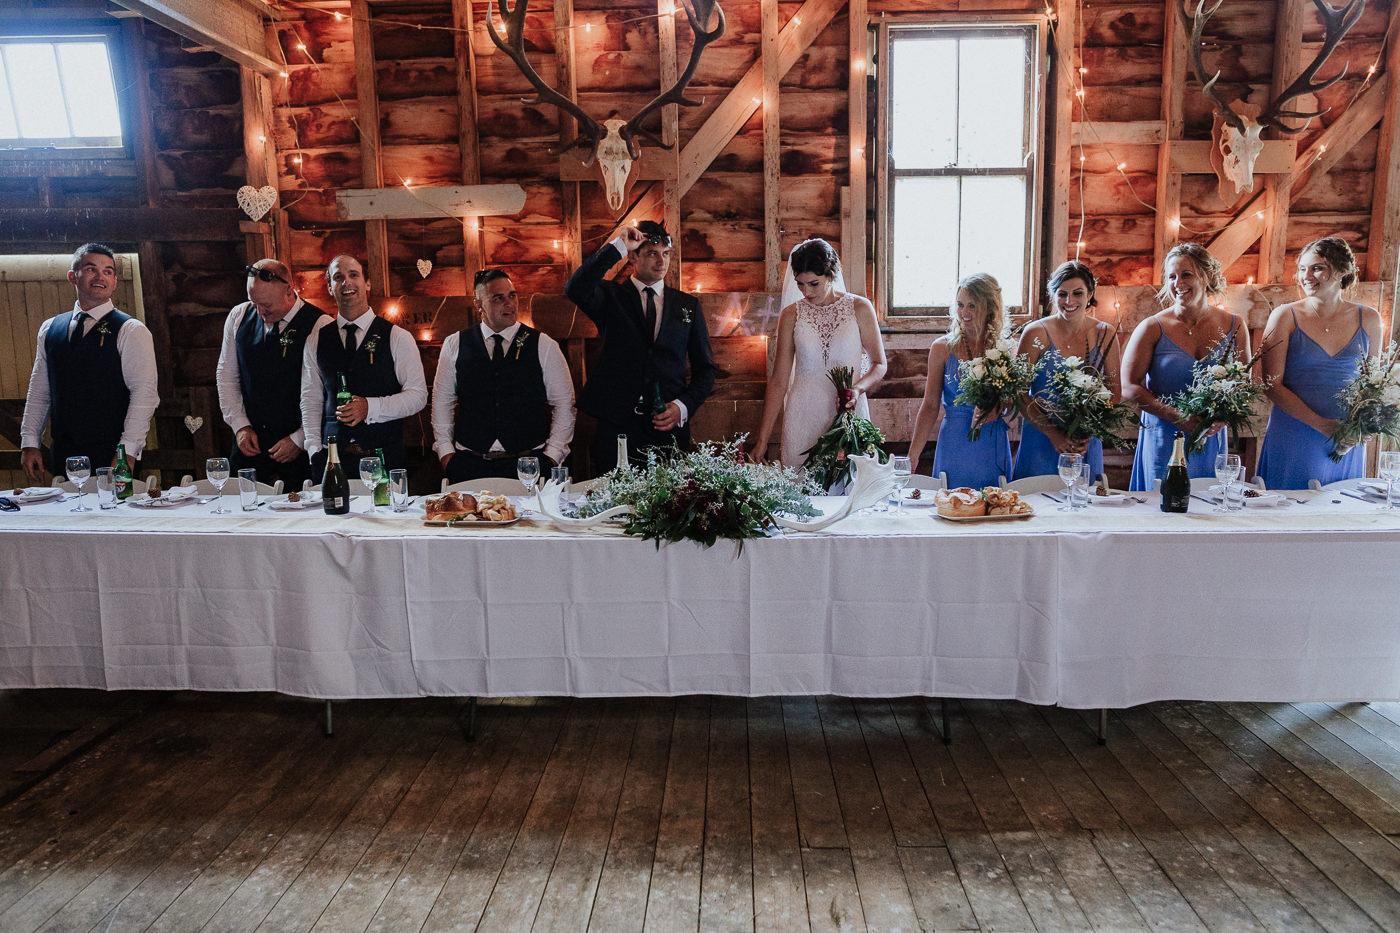 nz_wedding_photographer_gisborne-1186.jpg